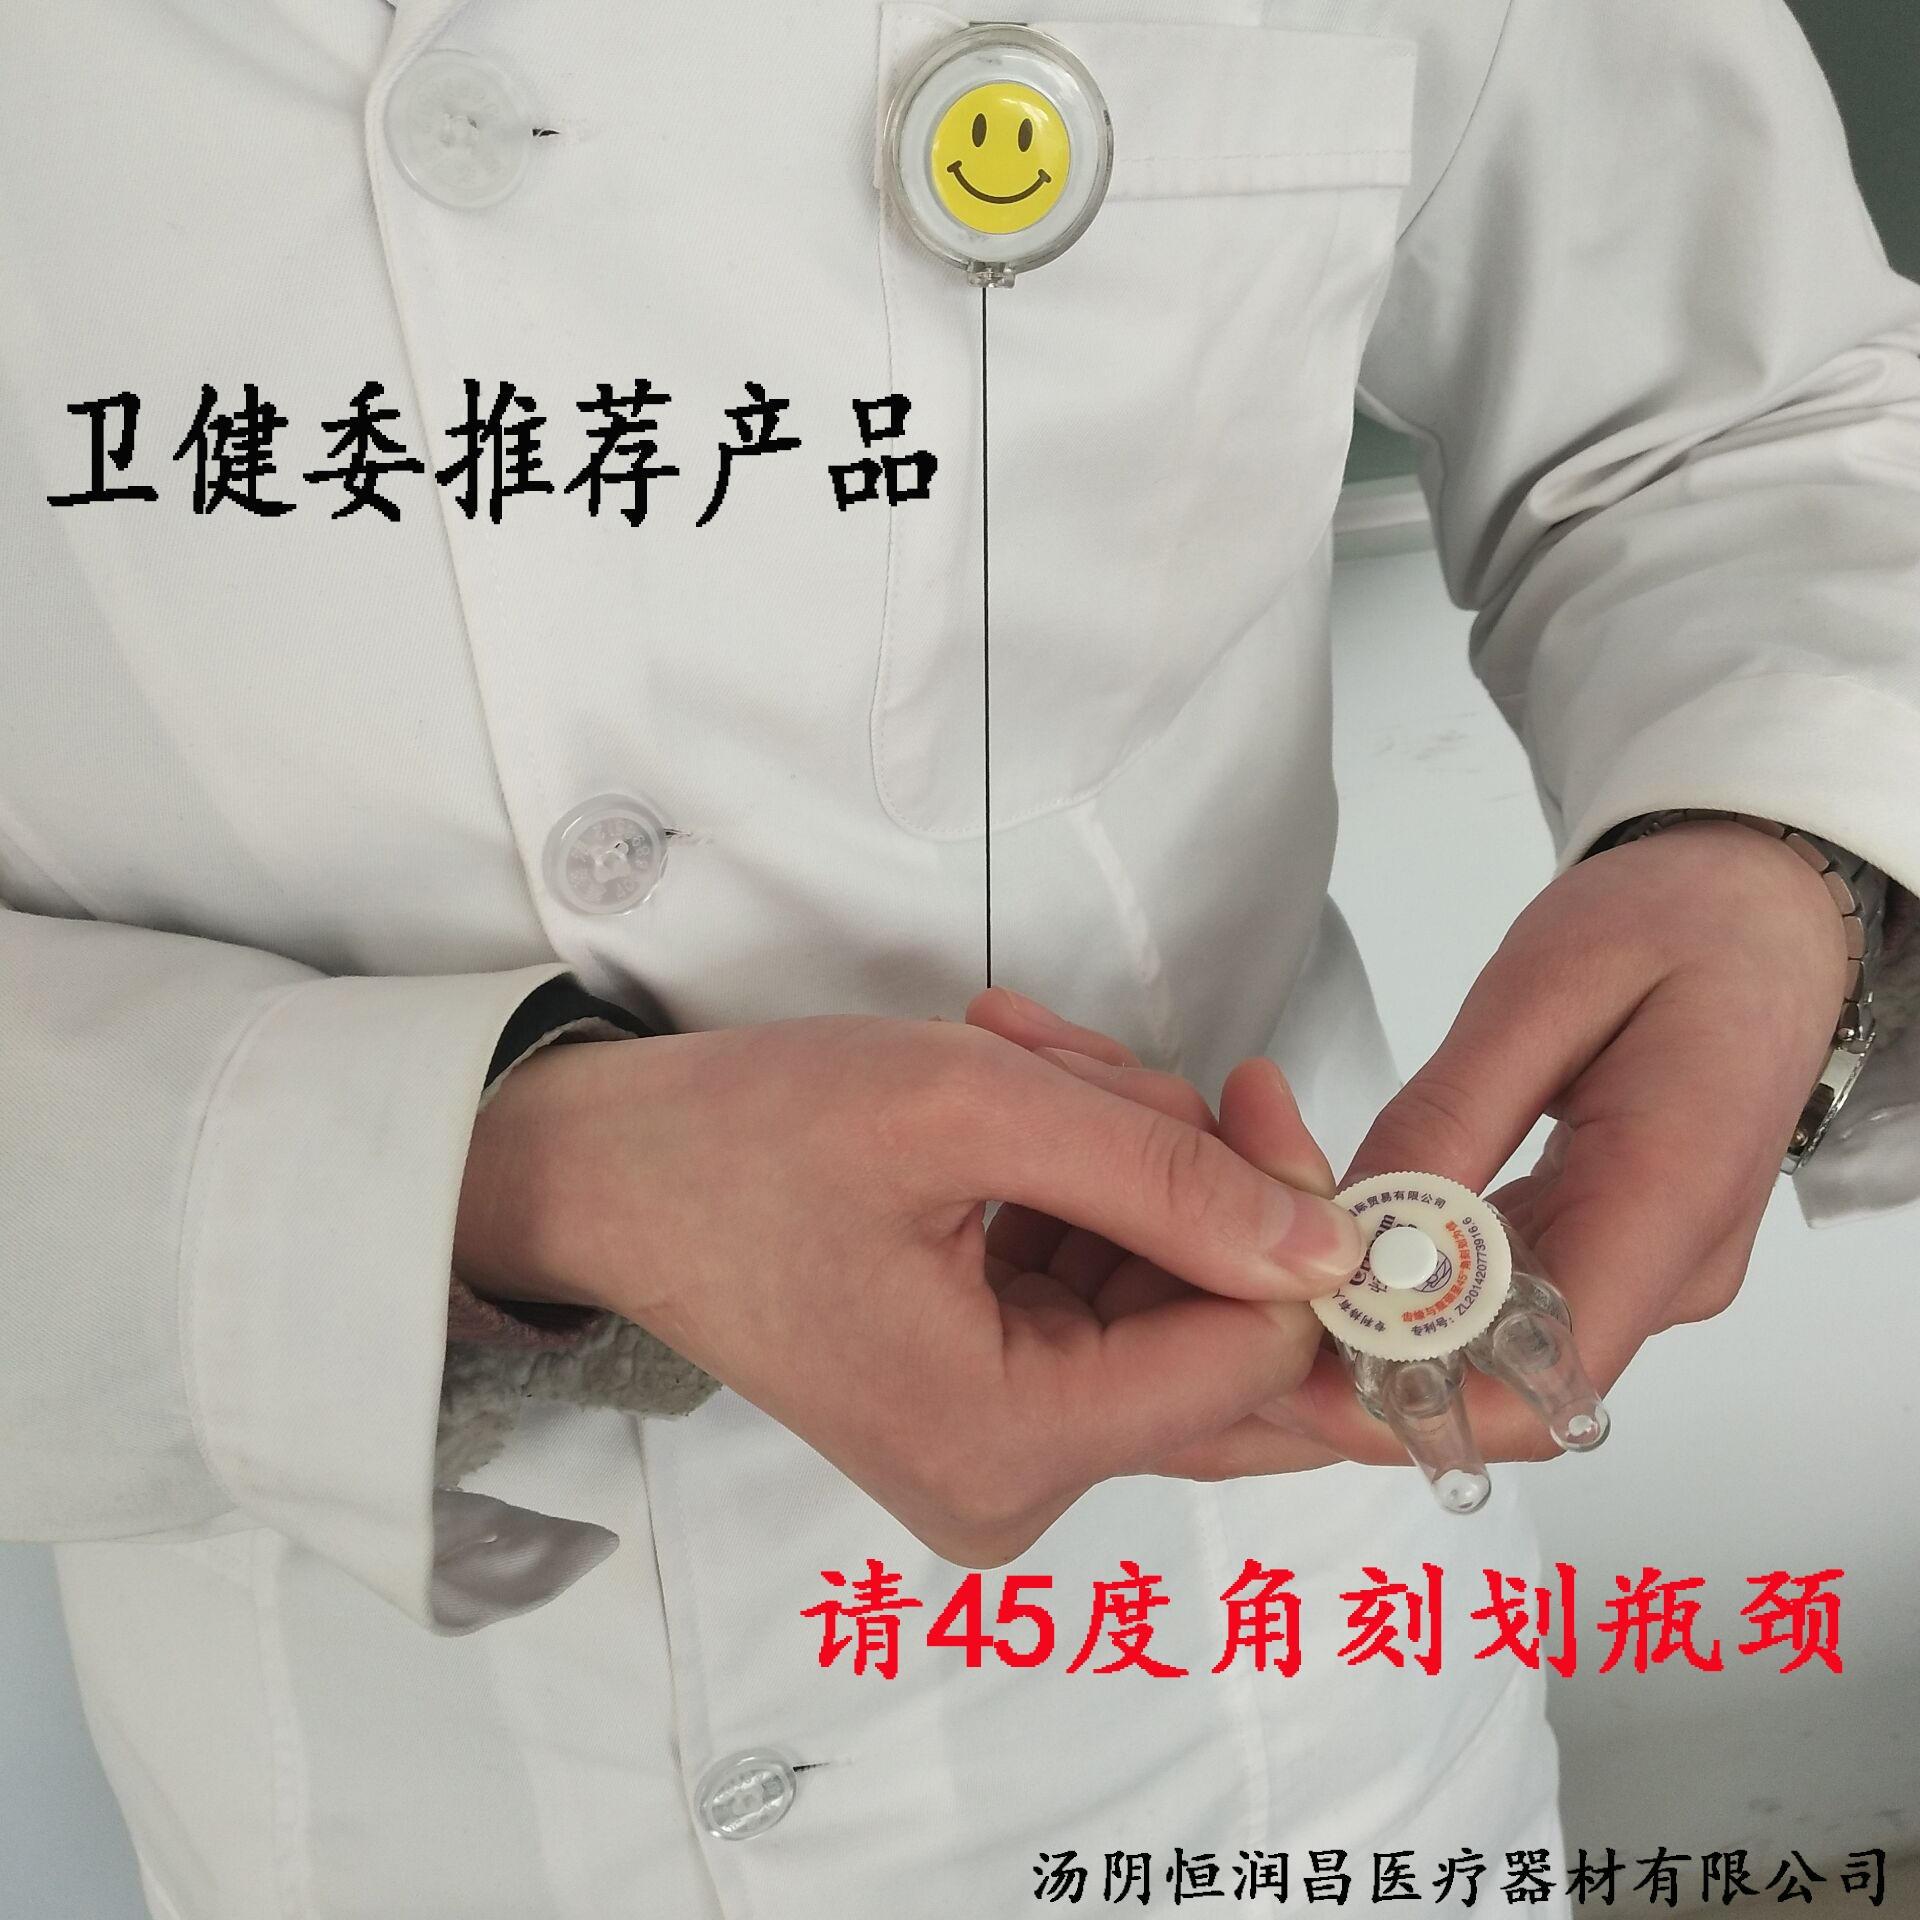 锯齿形安瓿瓶开瓶器 护士医用开瓶器 专利产品 杜绝医用砂轮污染